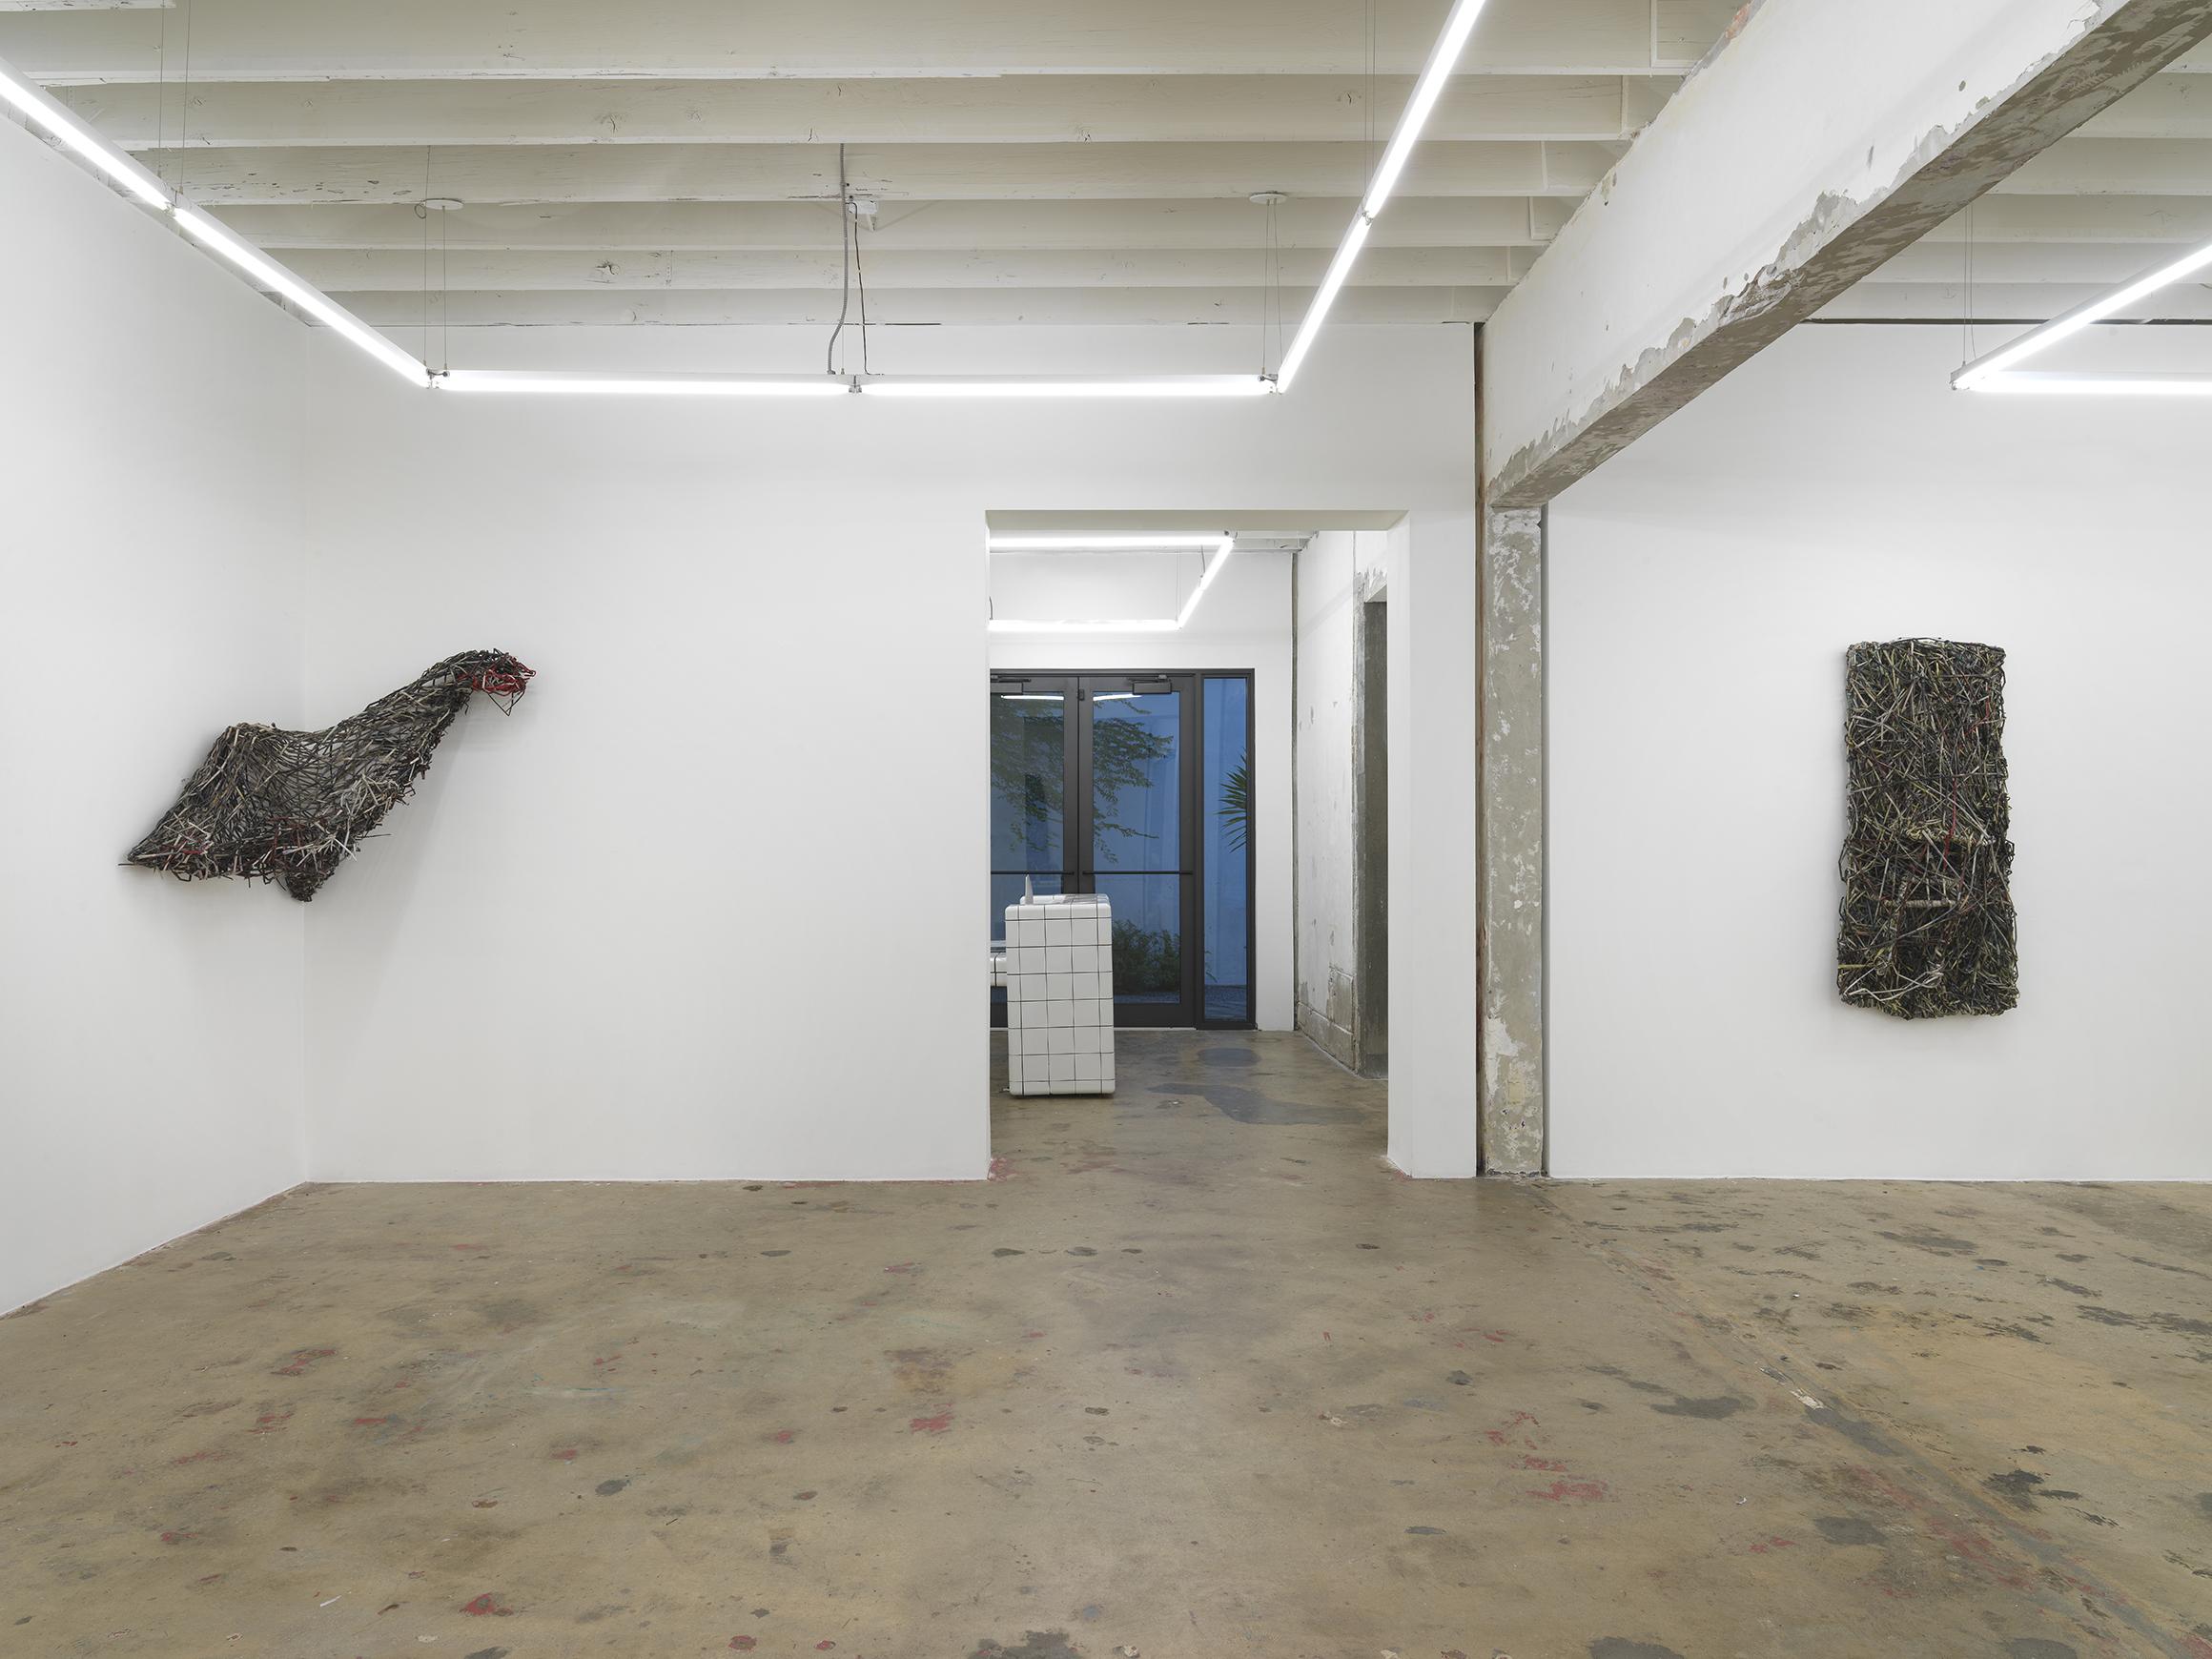 Savannah Knoop, Earthling installation